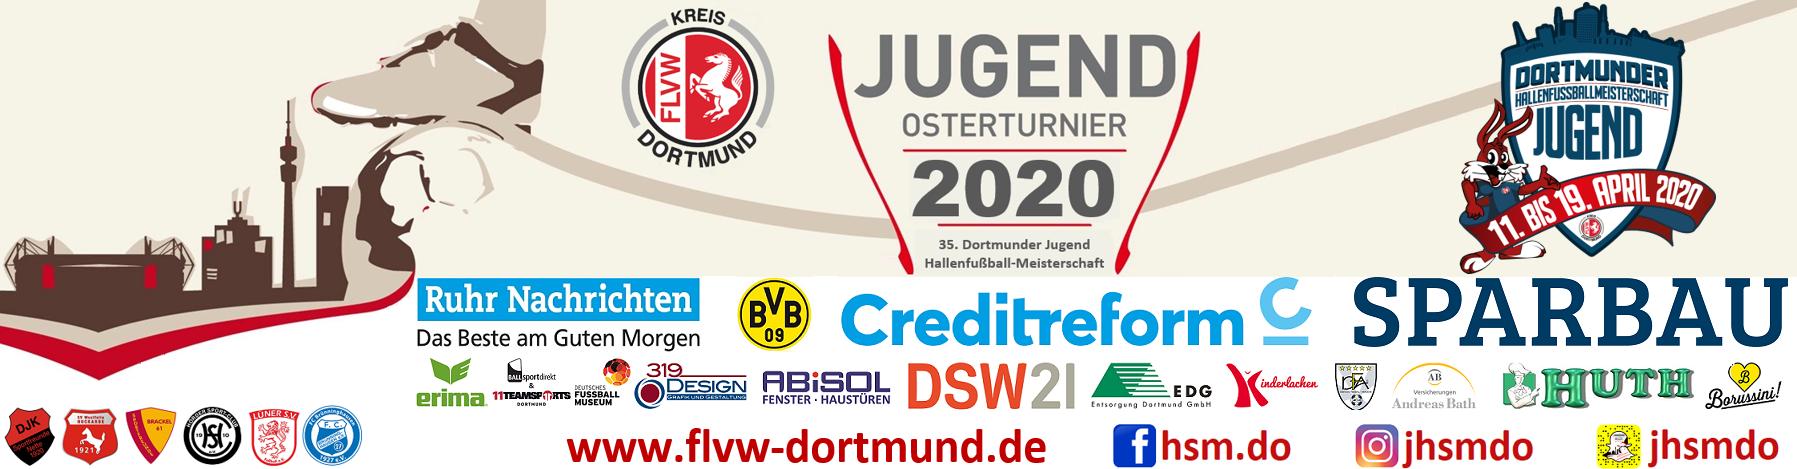 JHSM 2020: Wir haben gelost – das sind die Ergebnisse!